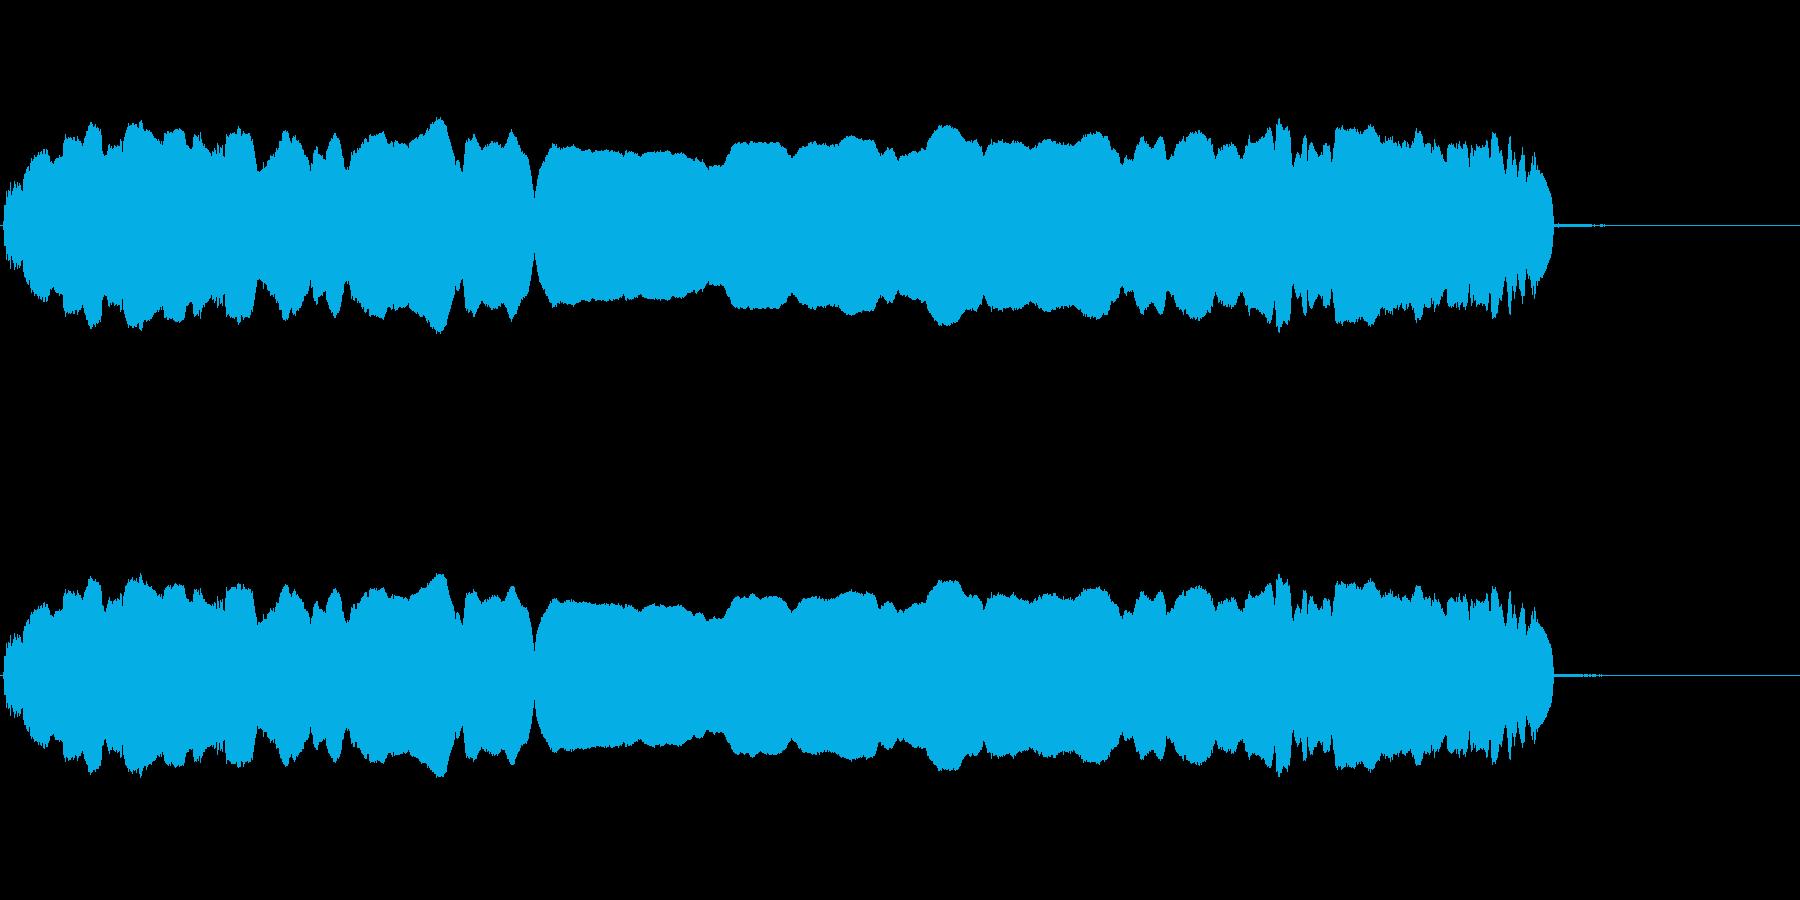 トランペット:ウェールサイレンアク...の再生済みの波形